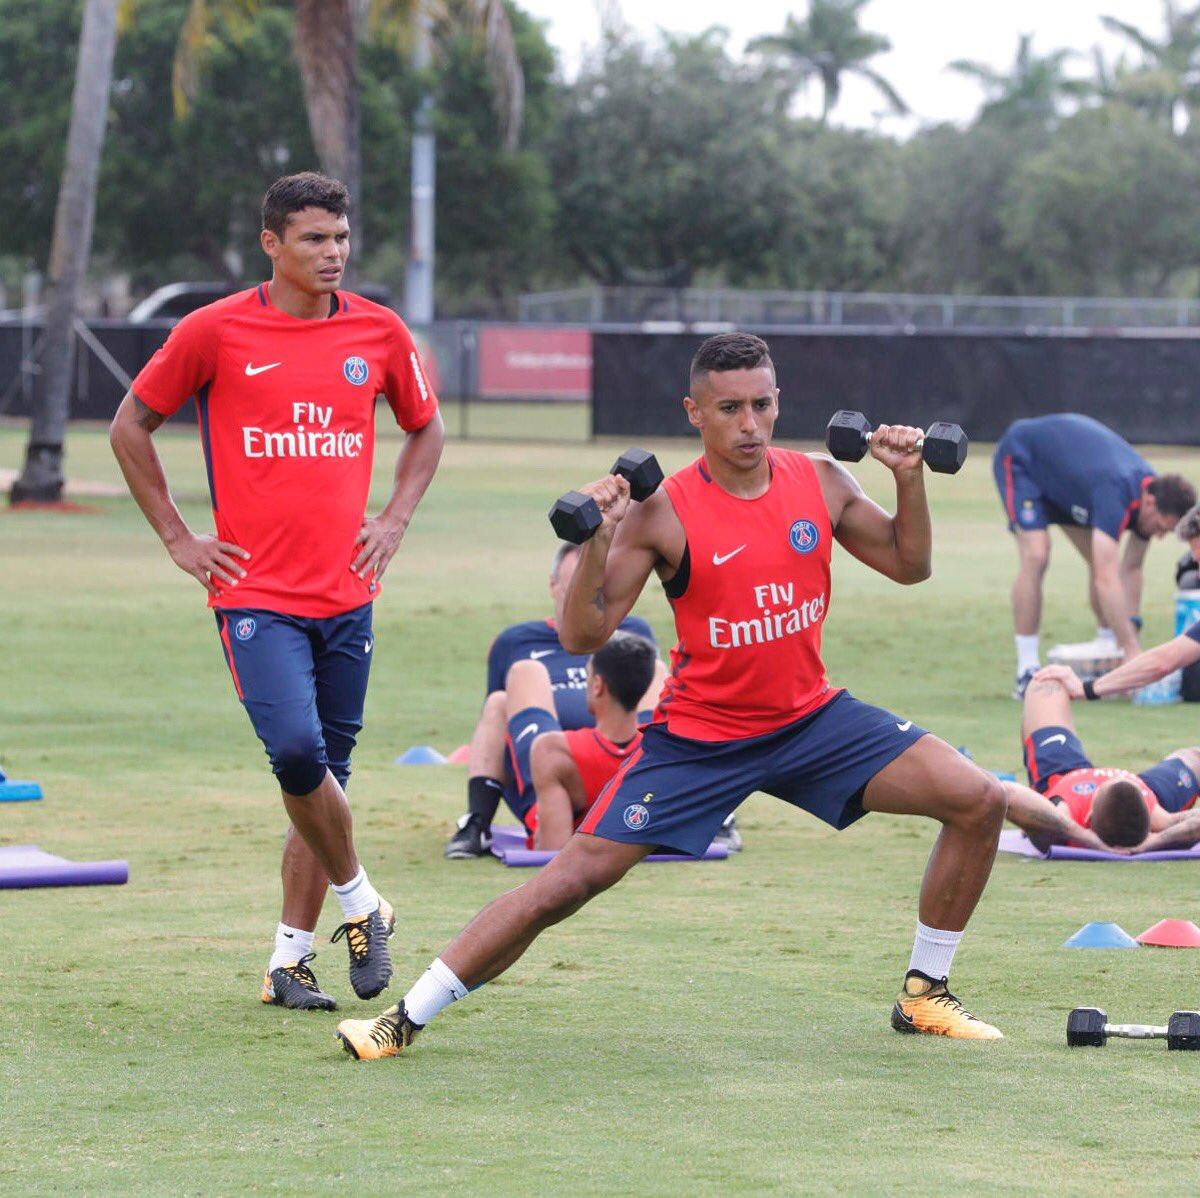 Les images du PSG ce dimanche encore de l'entraînement !